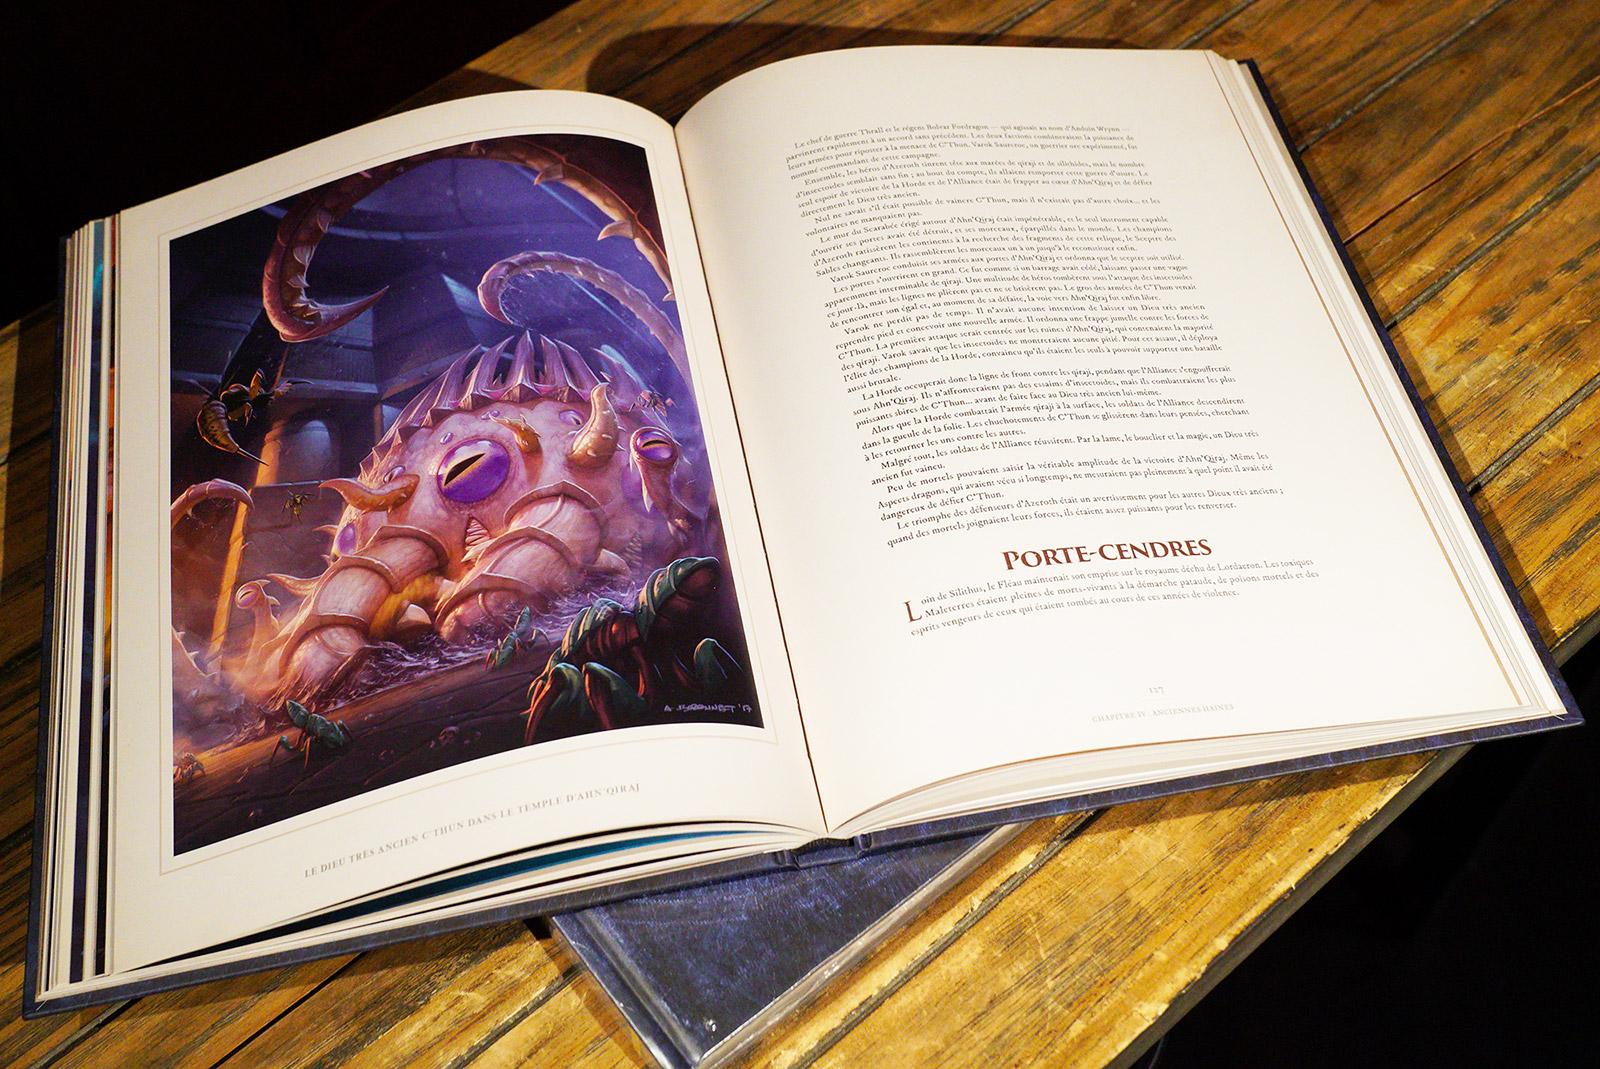 L'ouvrage dépeint les événements les plus récents de World of Warcraft comme l'avénement de C'thun